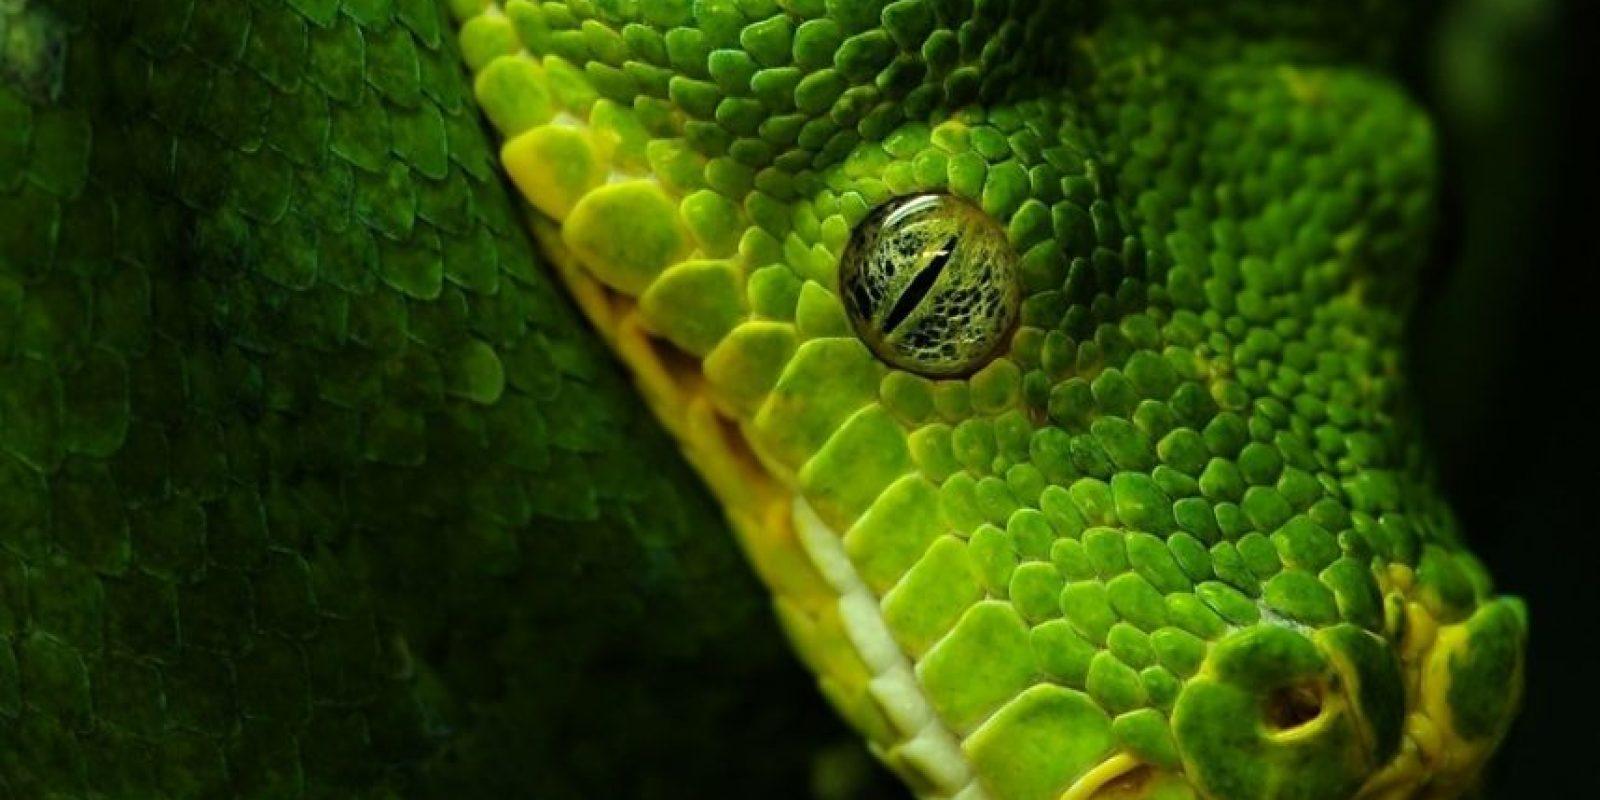 Las serpientes se caracterizan por la ausencia de extremidades y cuerpo alargado. Algunas poseen mordeduras venenosas, como las cobras y las víboras, que utilizan para matar a sus presas antes de ingerirlas. Foto:Pixabay